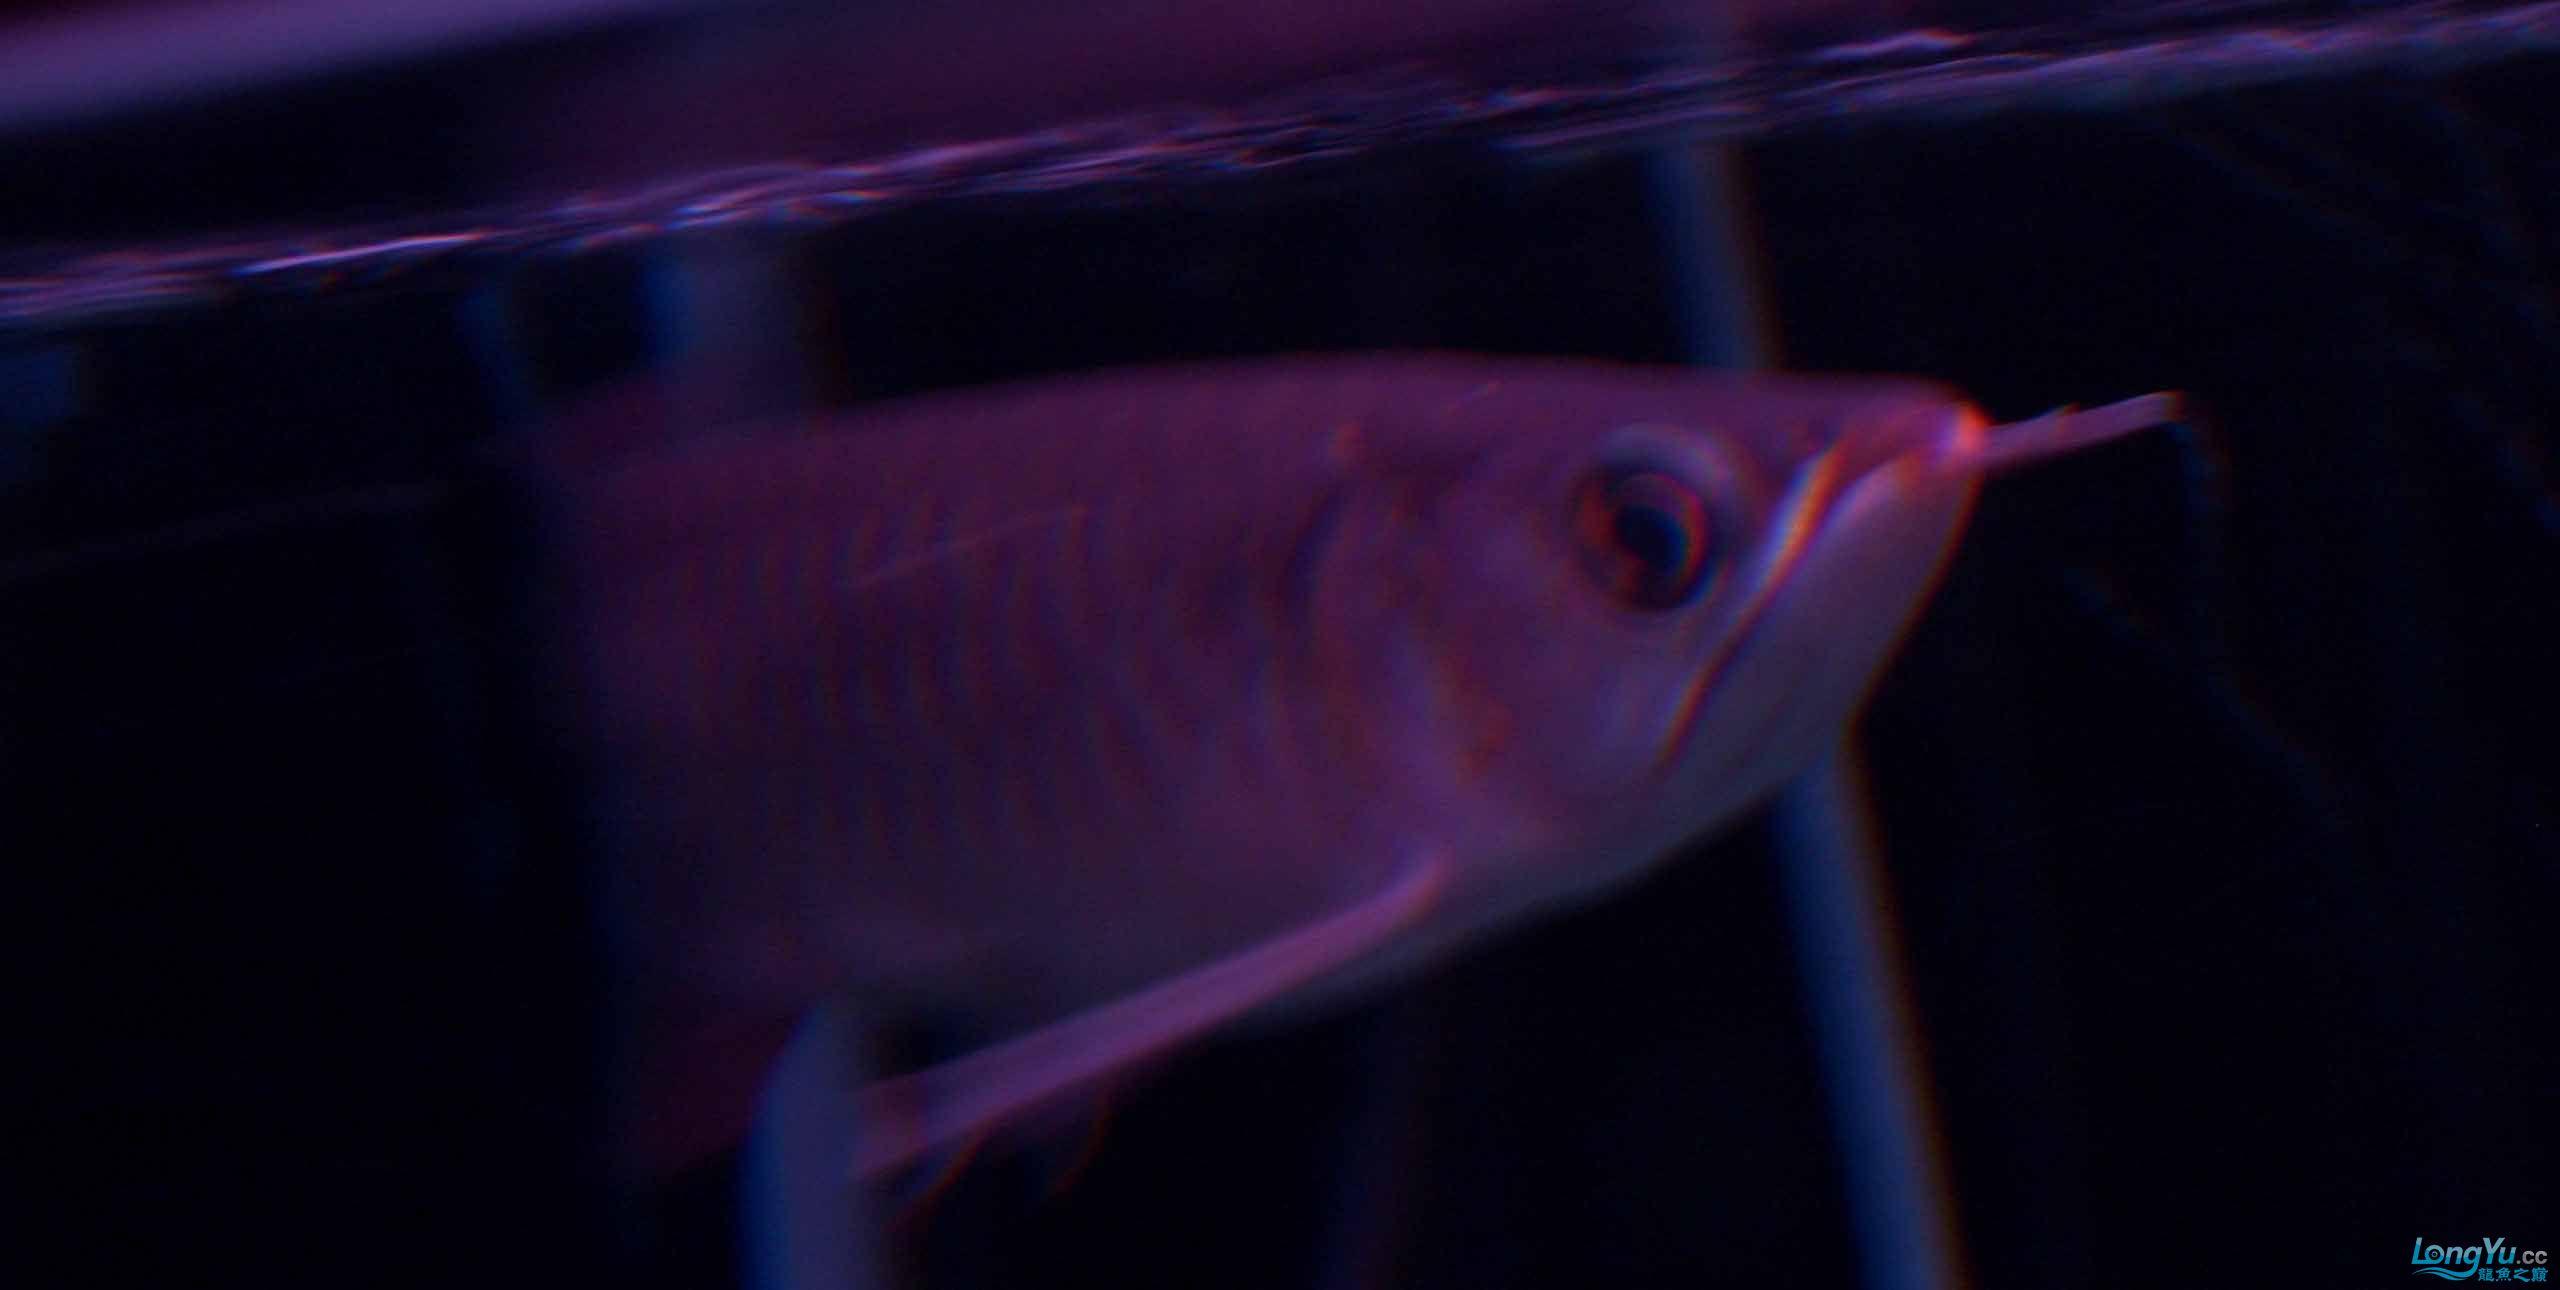 给15公分长须小超血建个档(5月7日更新——女皇大帆】23cm) 西安观赏鱼信息 西安博特第10张